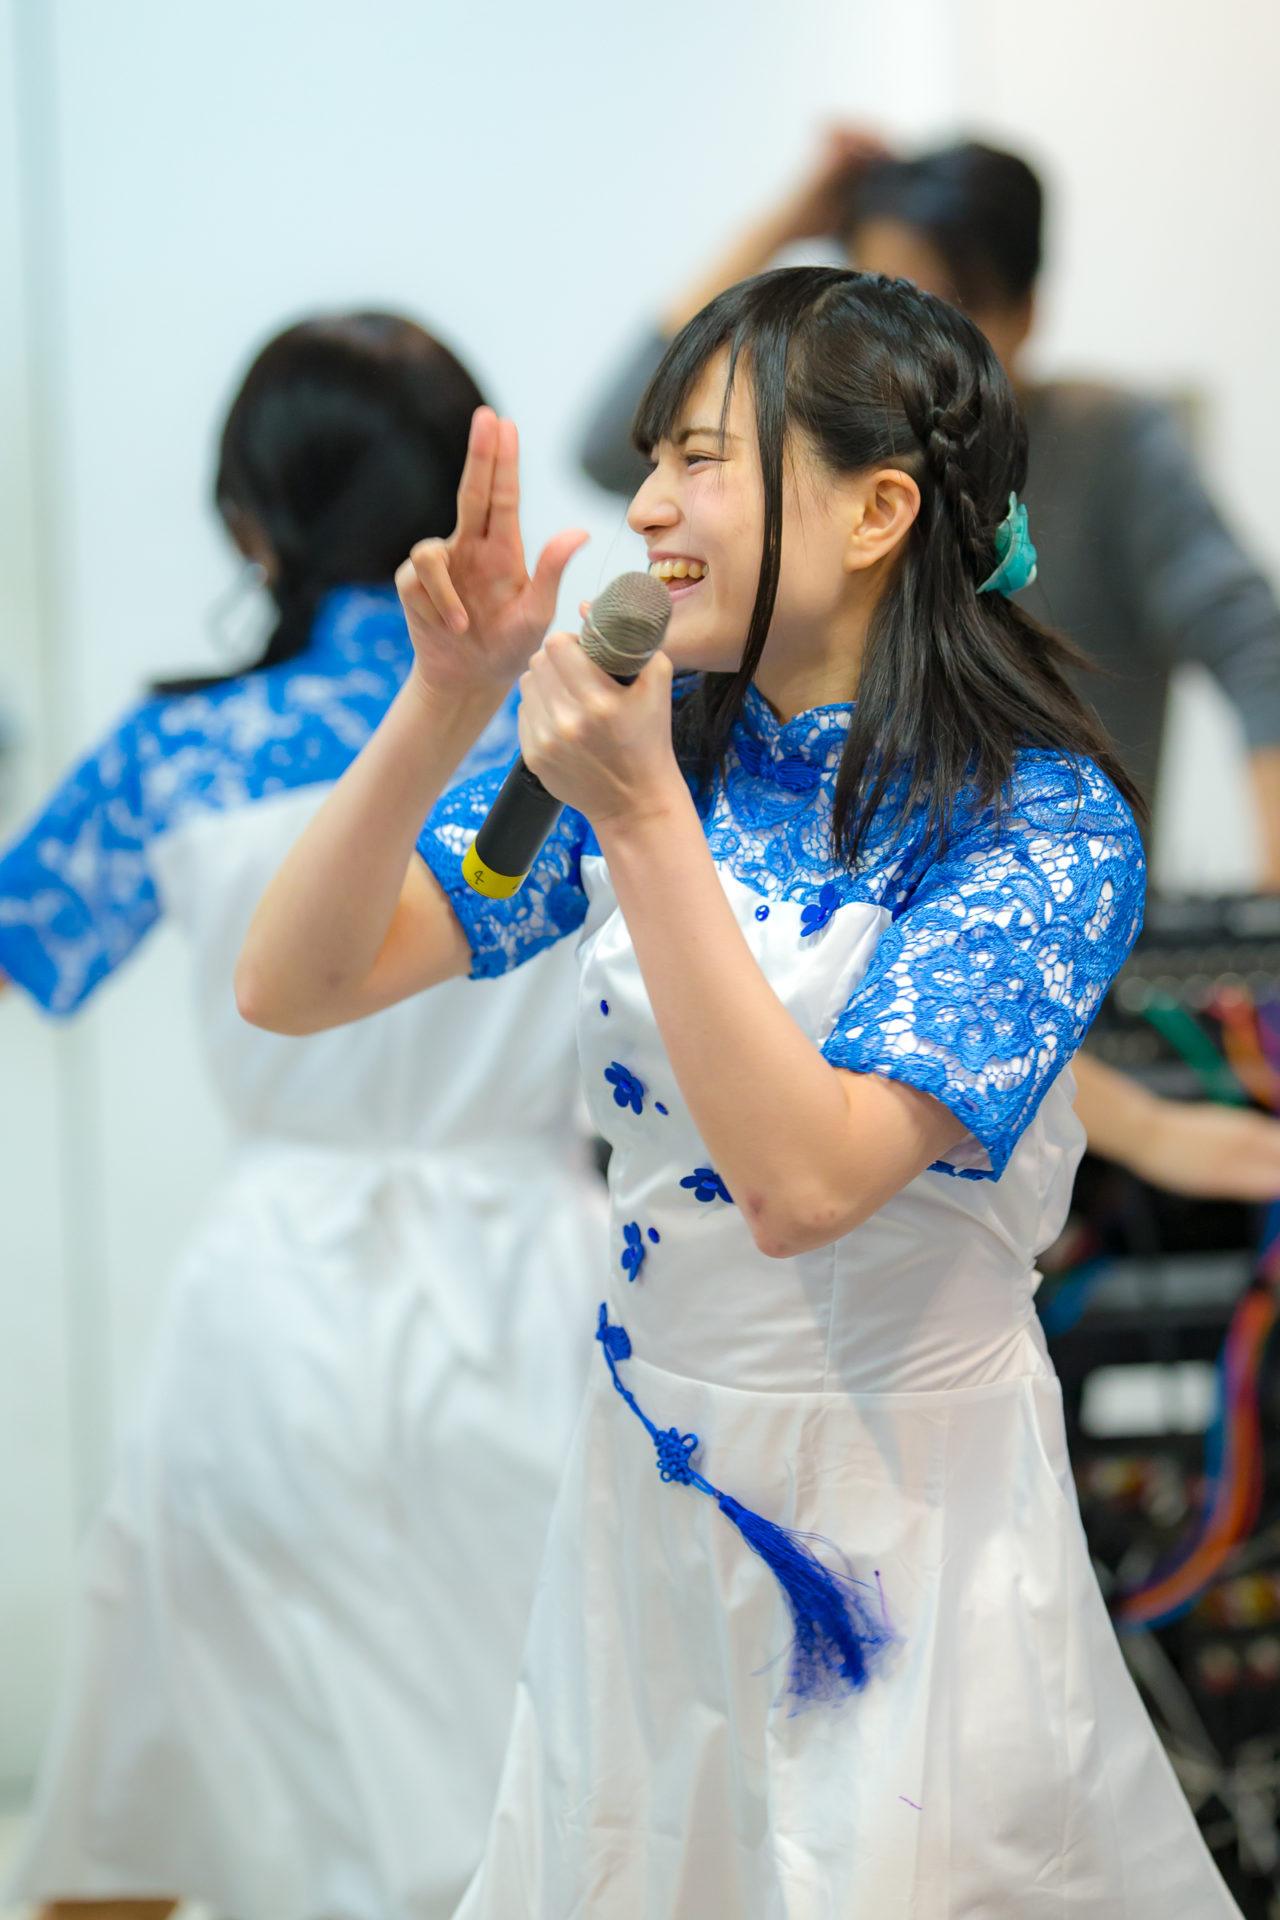 2代目HAPPY少女♪ あゆみ ( 新谷亜由美 ) | HMVプレゼンツライブプロマンスリーLIVE